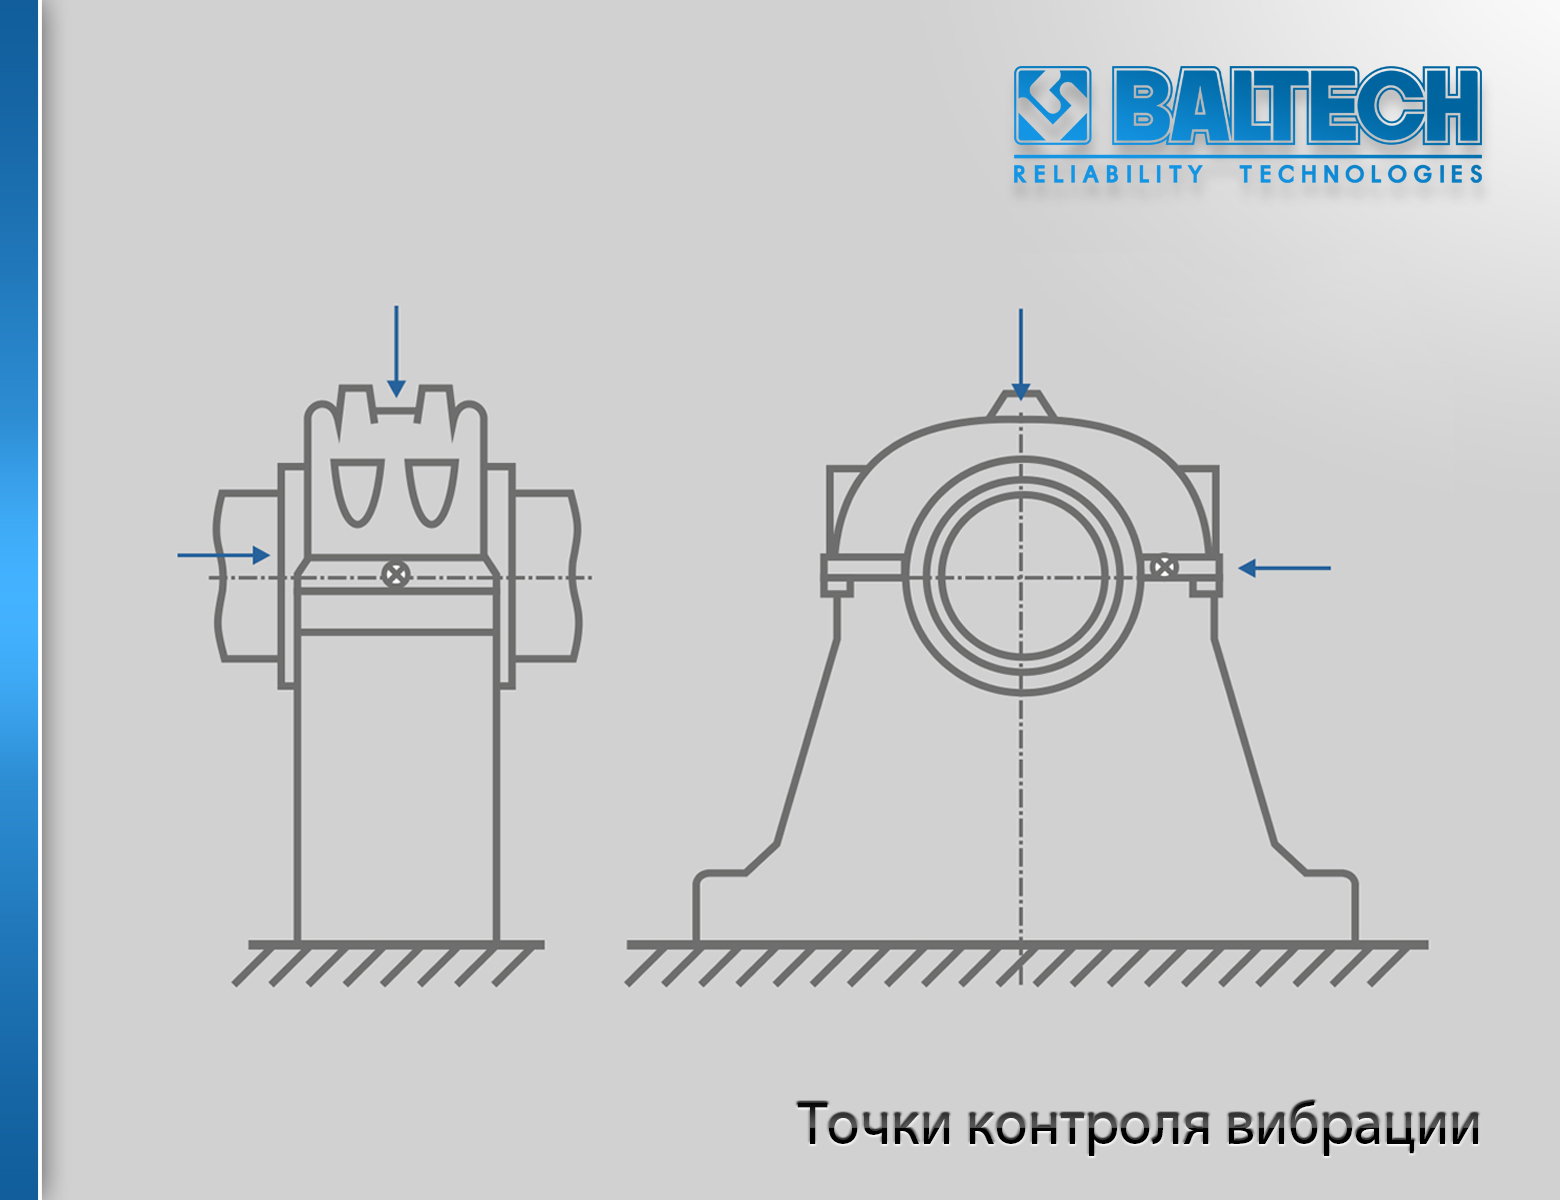 Точки контроля вибрации, измерение вибрации, методы измерения вибрации, измерение вибрации акселерометром